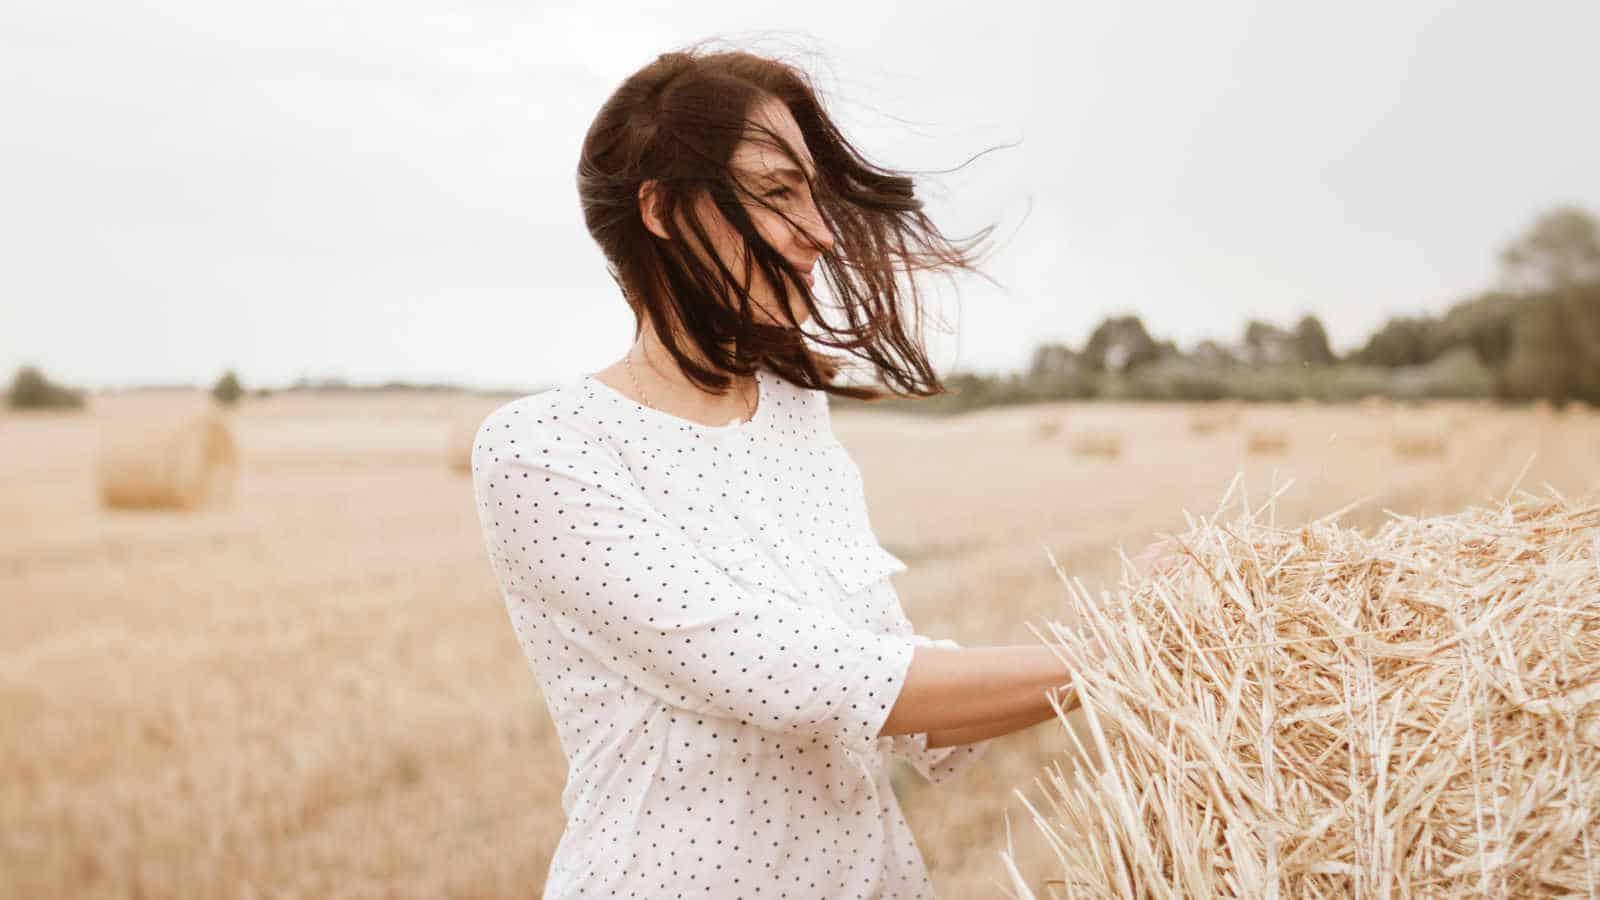 7 effektive Hausmittel gegen trockene Haut | Für Gesicht, Beine & Körper